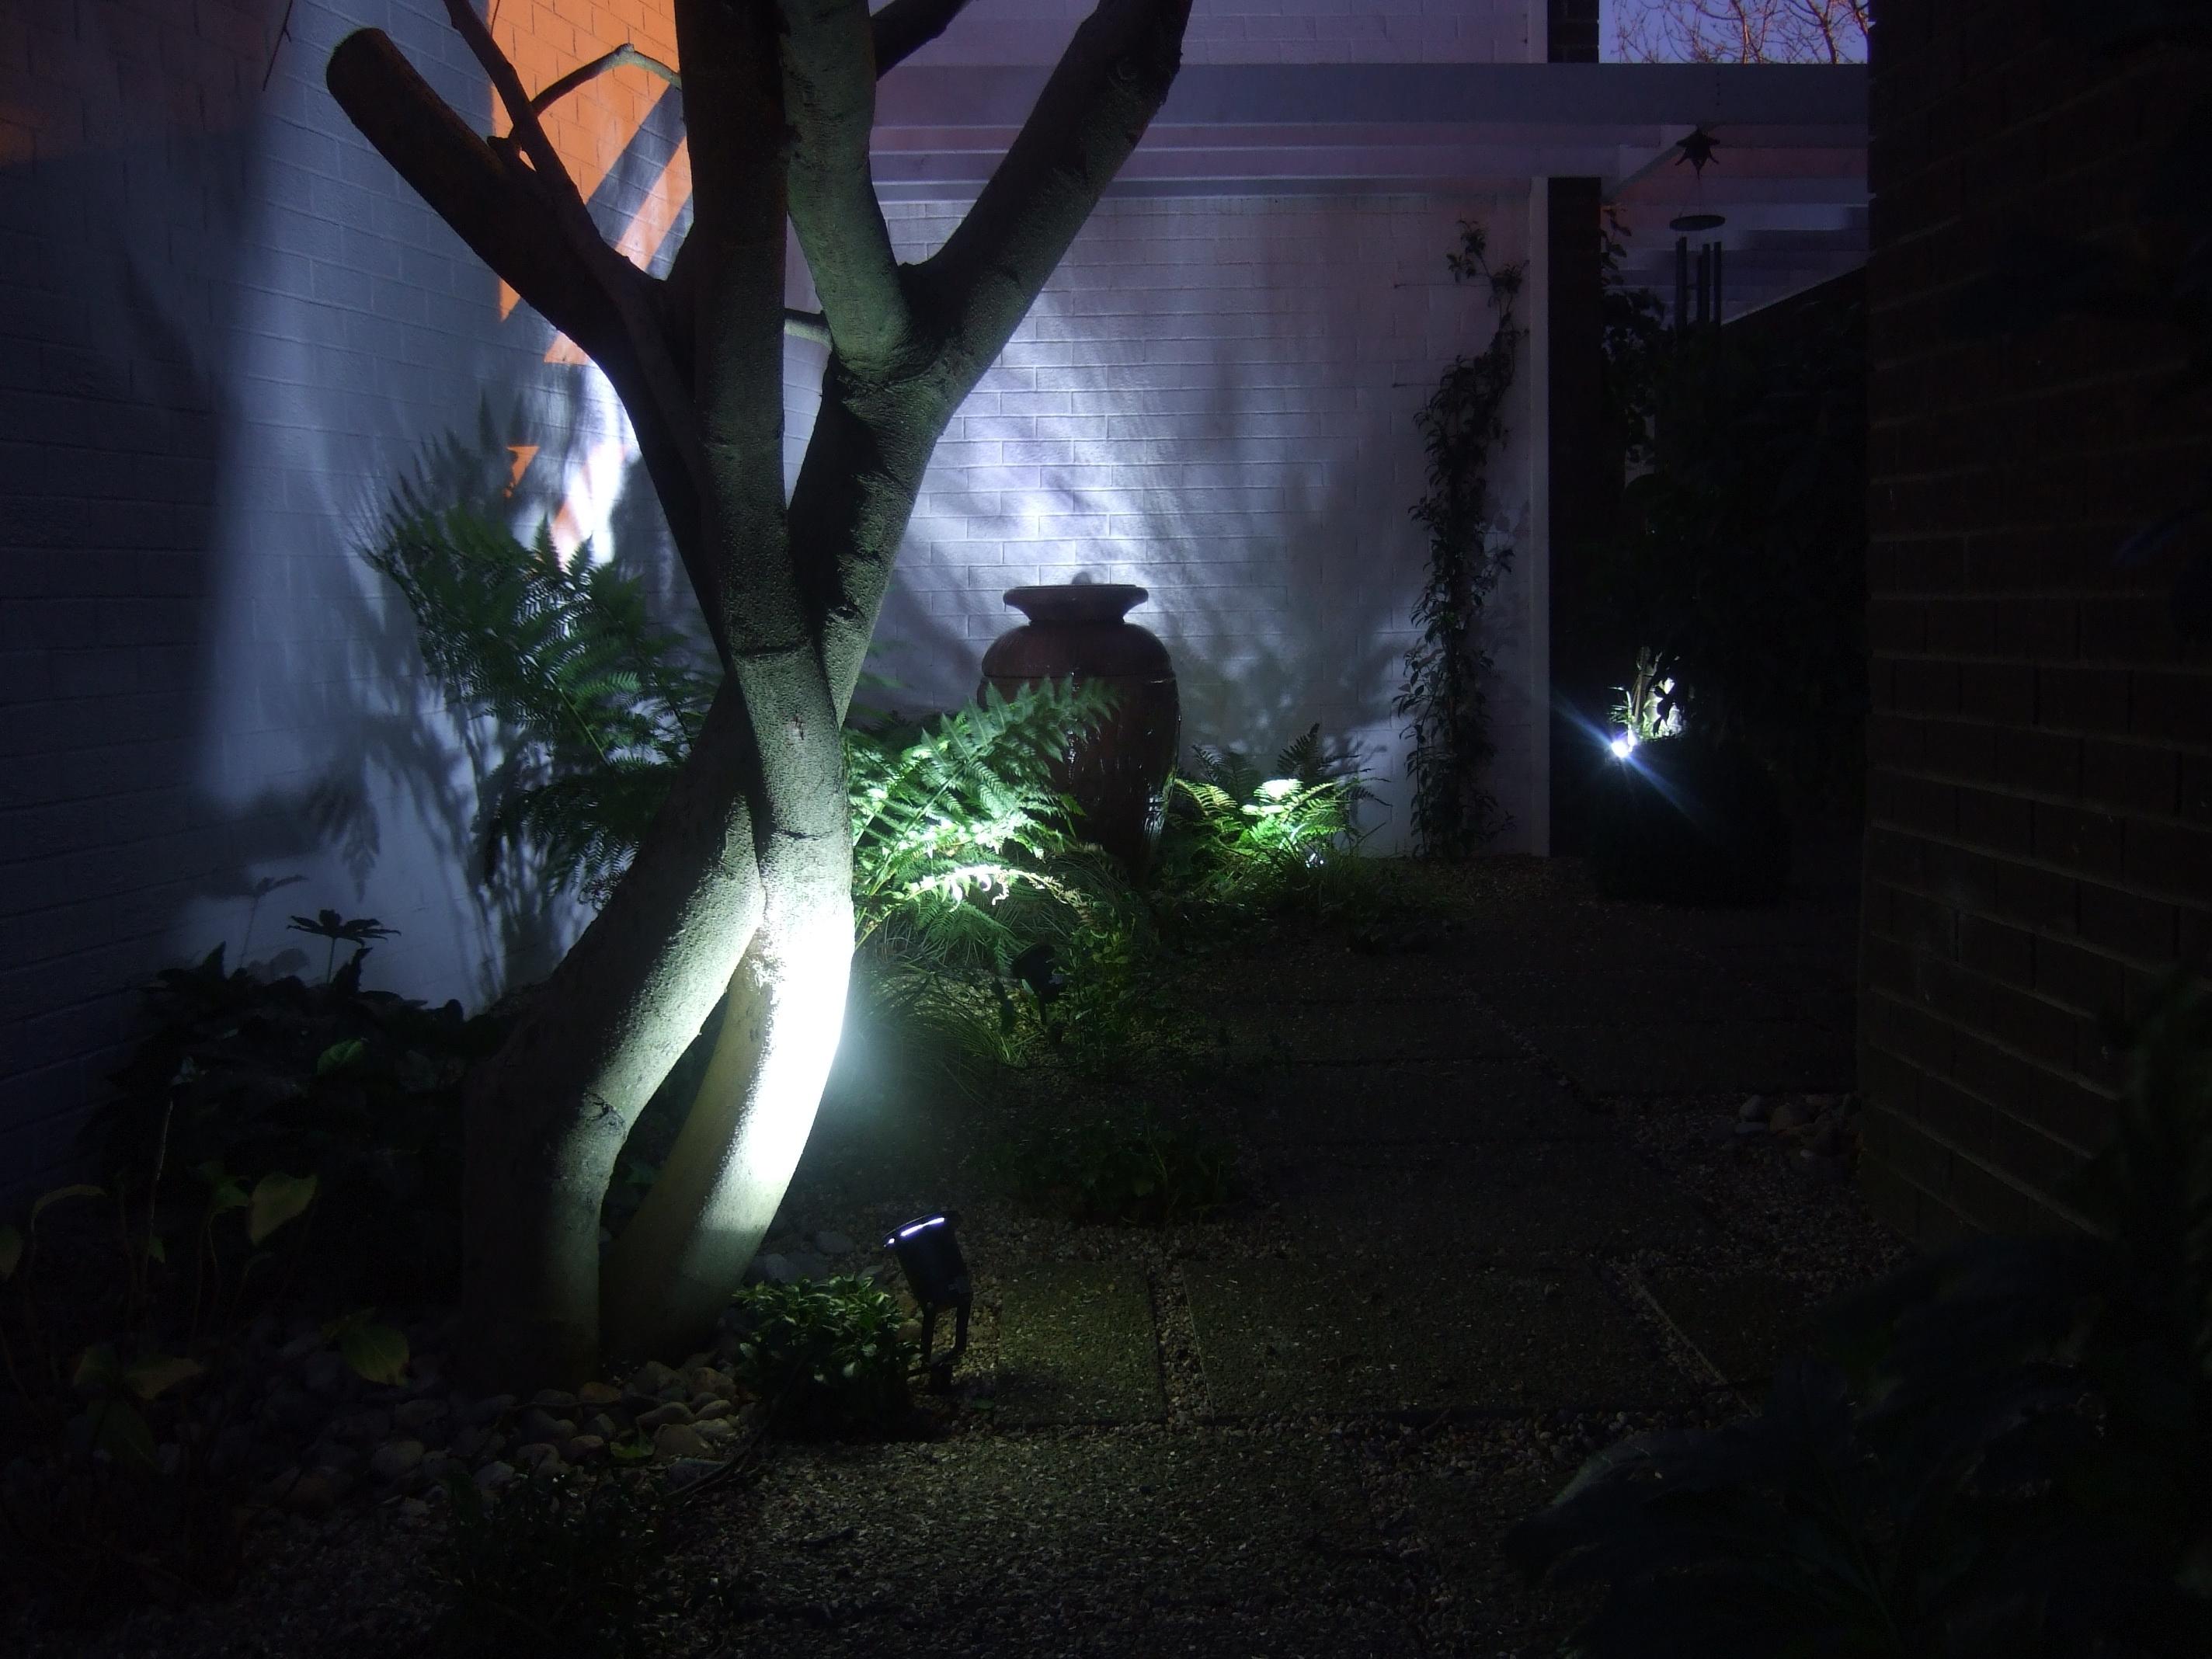 Ireland Outdoor Lighting In Most Up To Date Outdoor Garden Lighting, Design Services Dublin,wicklow (View 8 of 20)